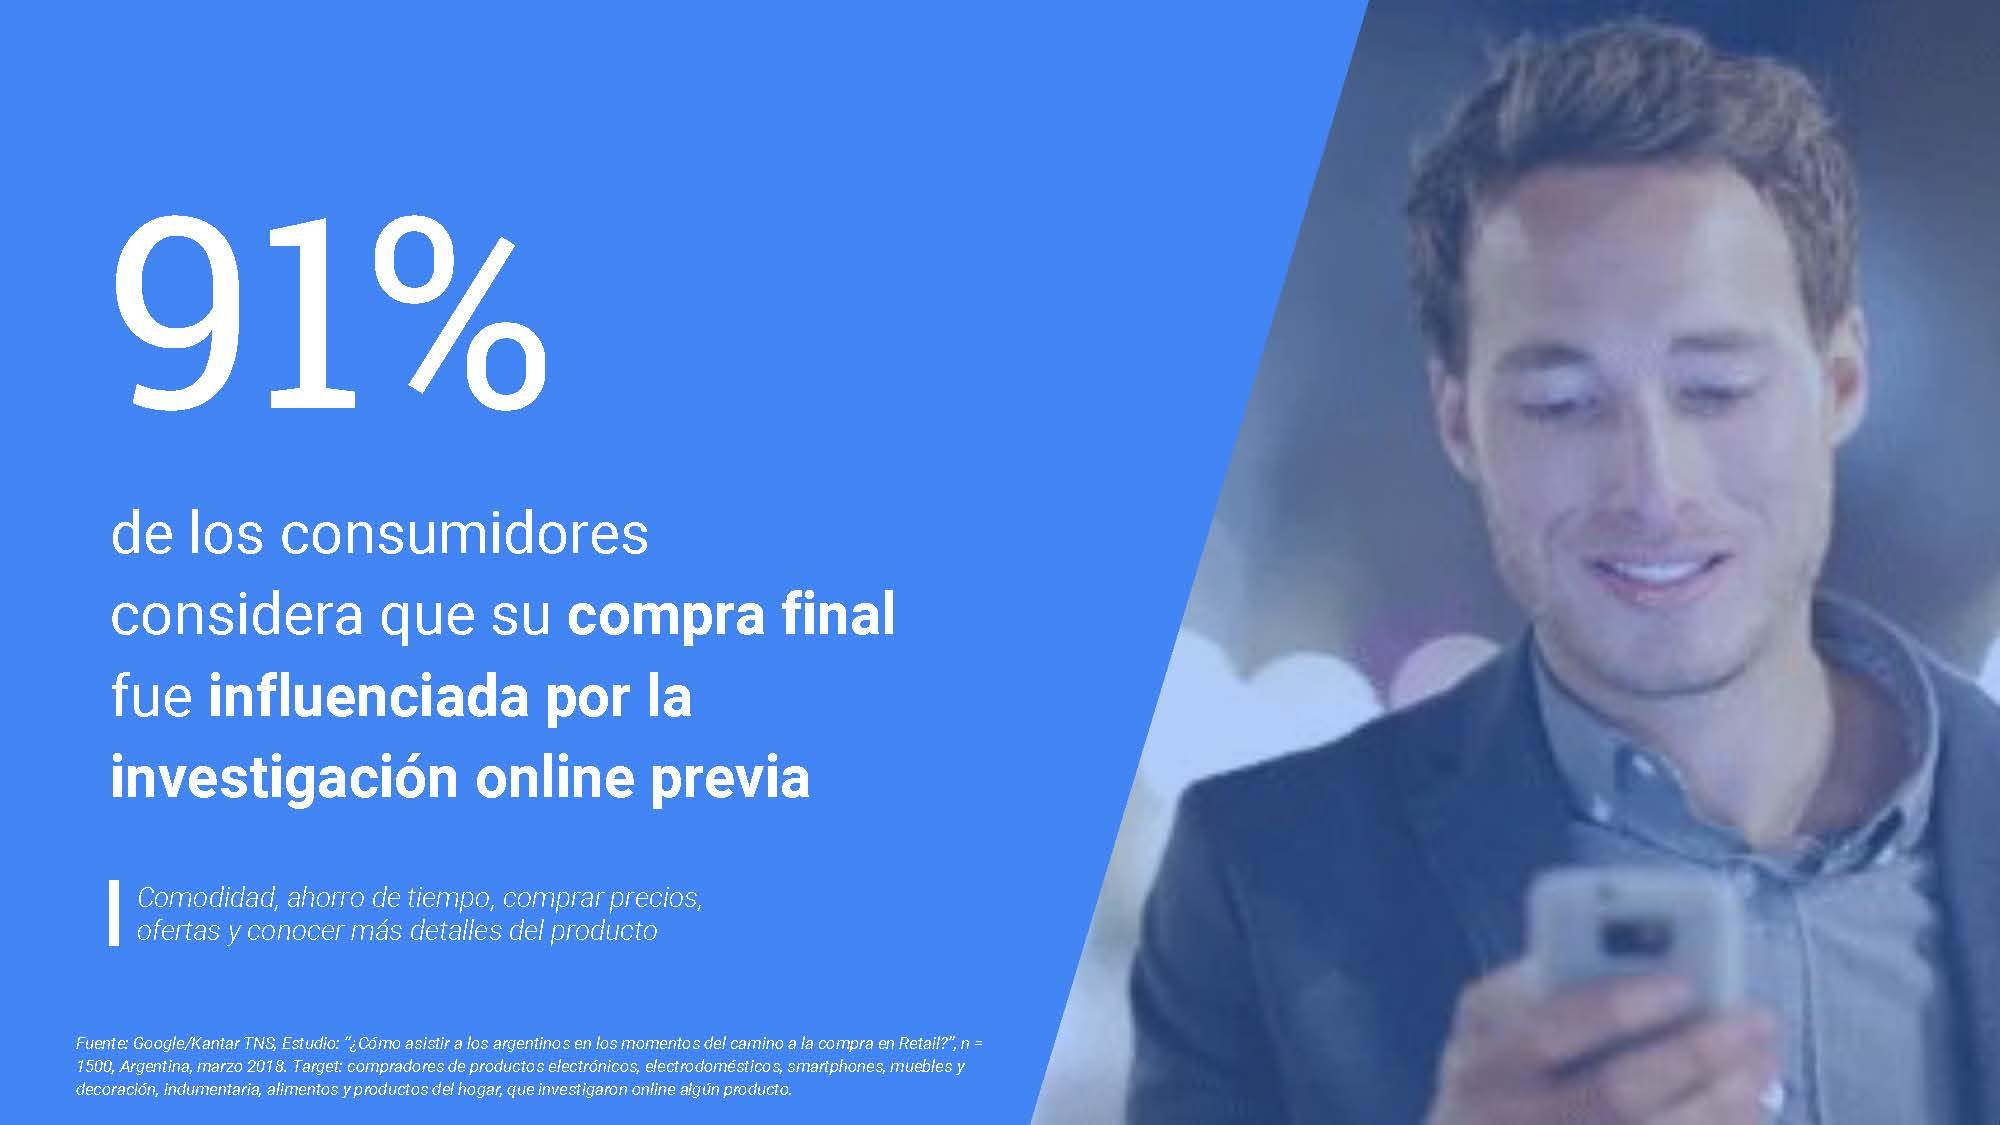 Estudio Google  - Comportamiento online de los argentinos en Retail_Página_09